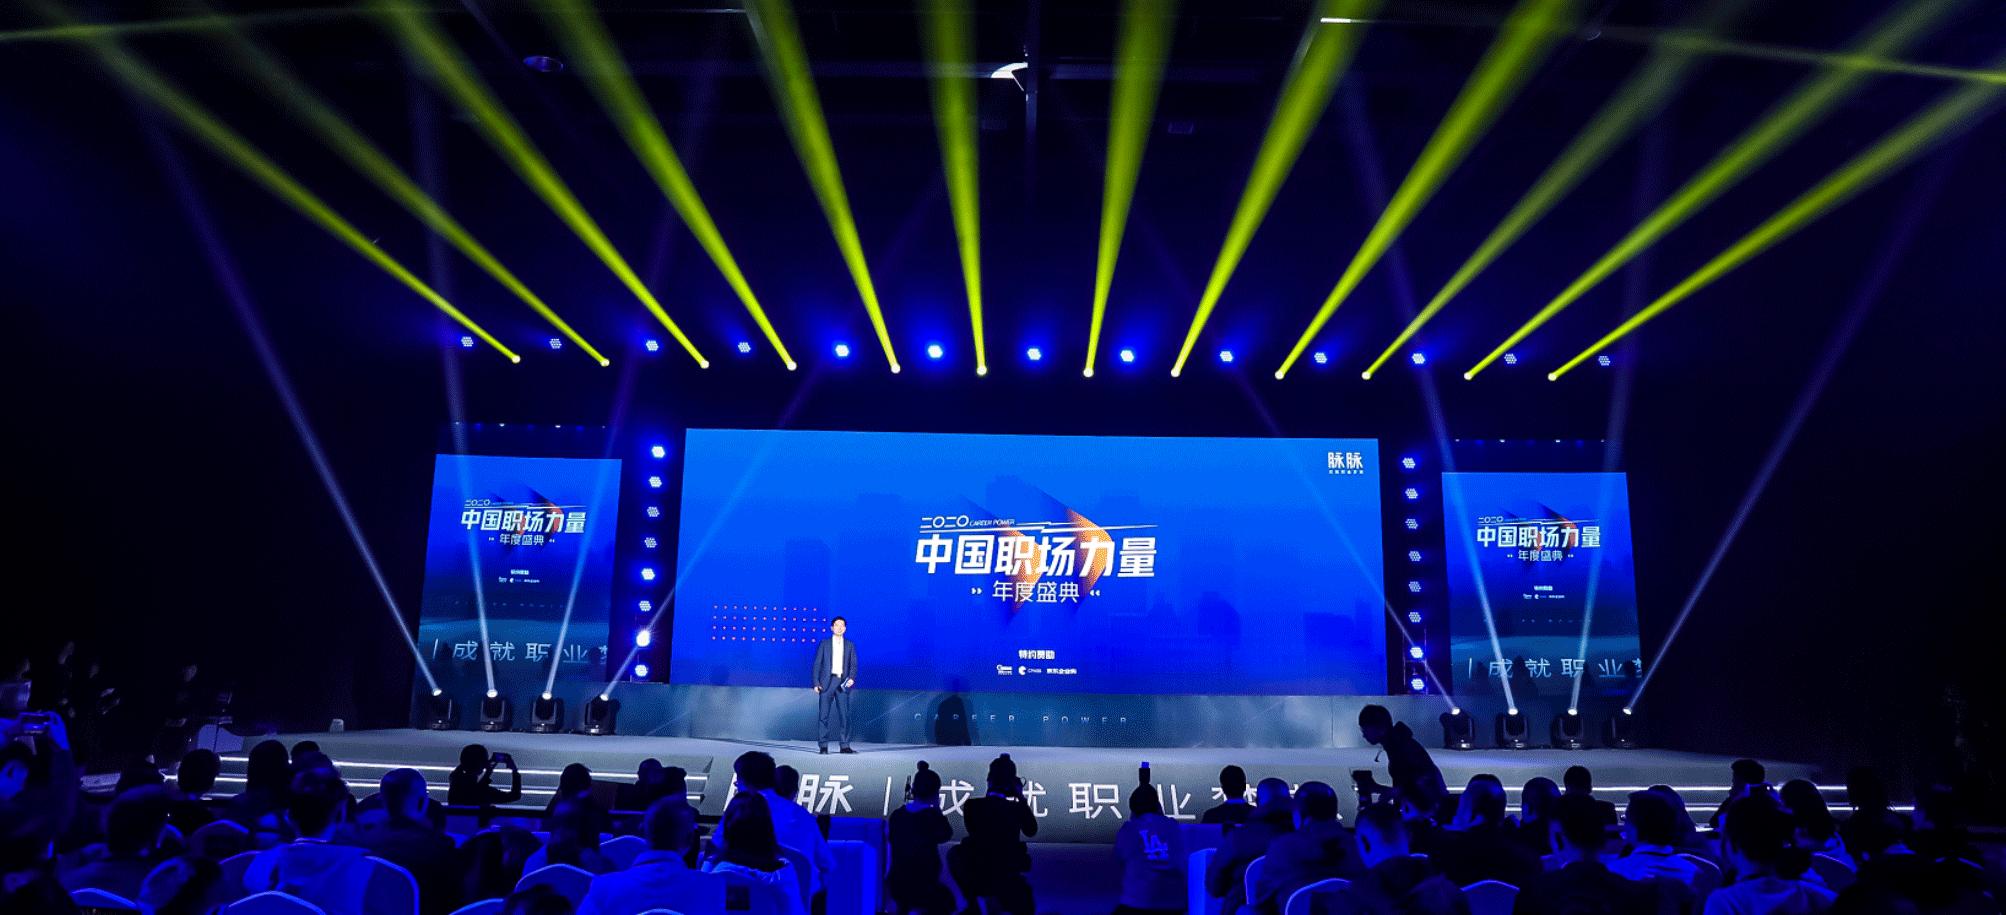 脉脉职场力量盛典在京举办,冯仑、马薇薇等荣获2019中国职人选择奖